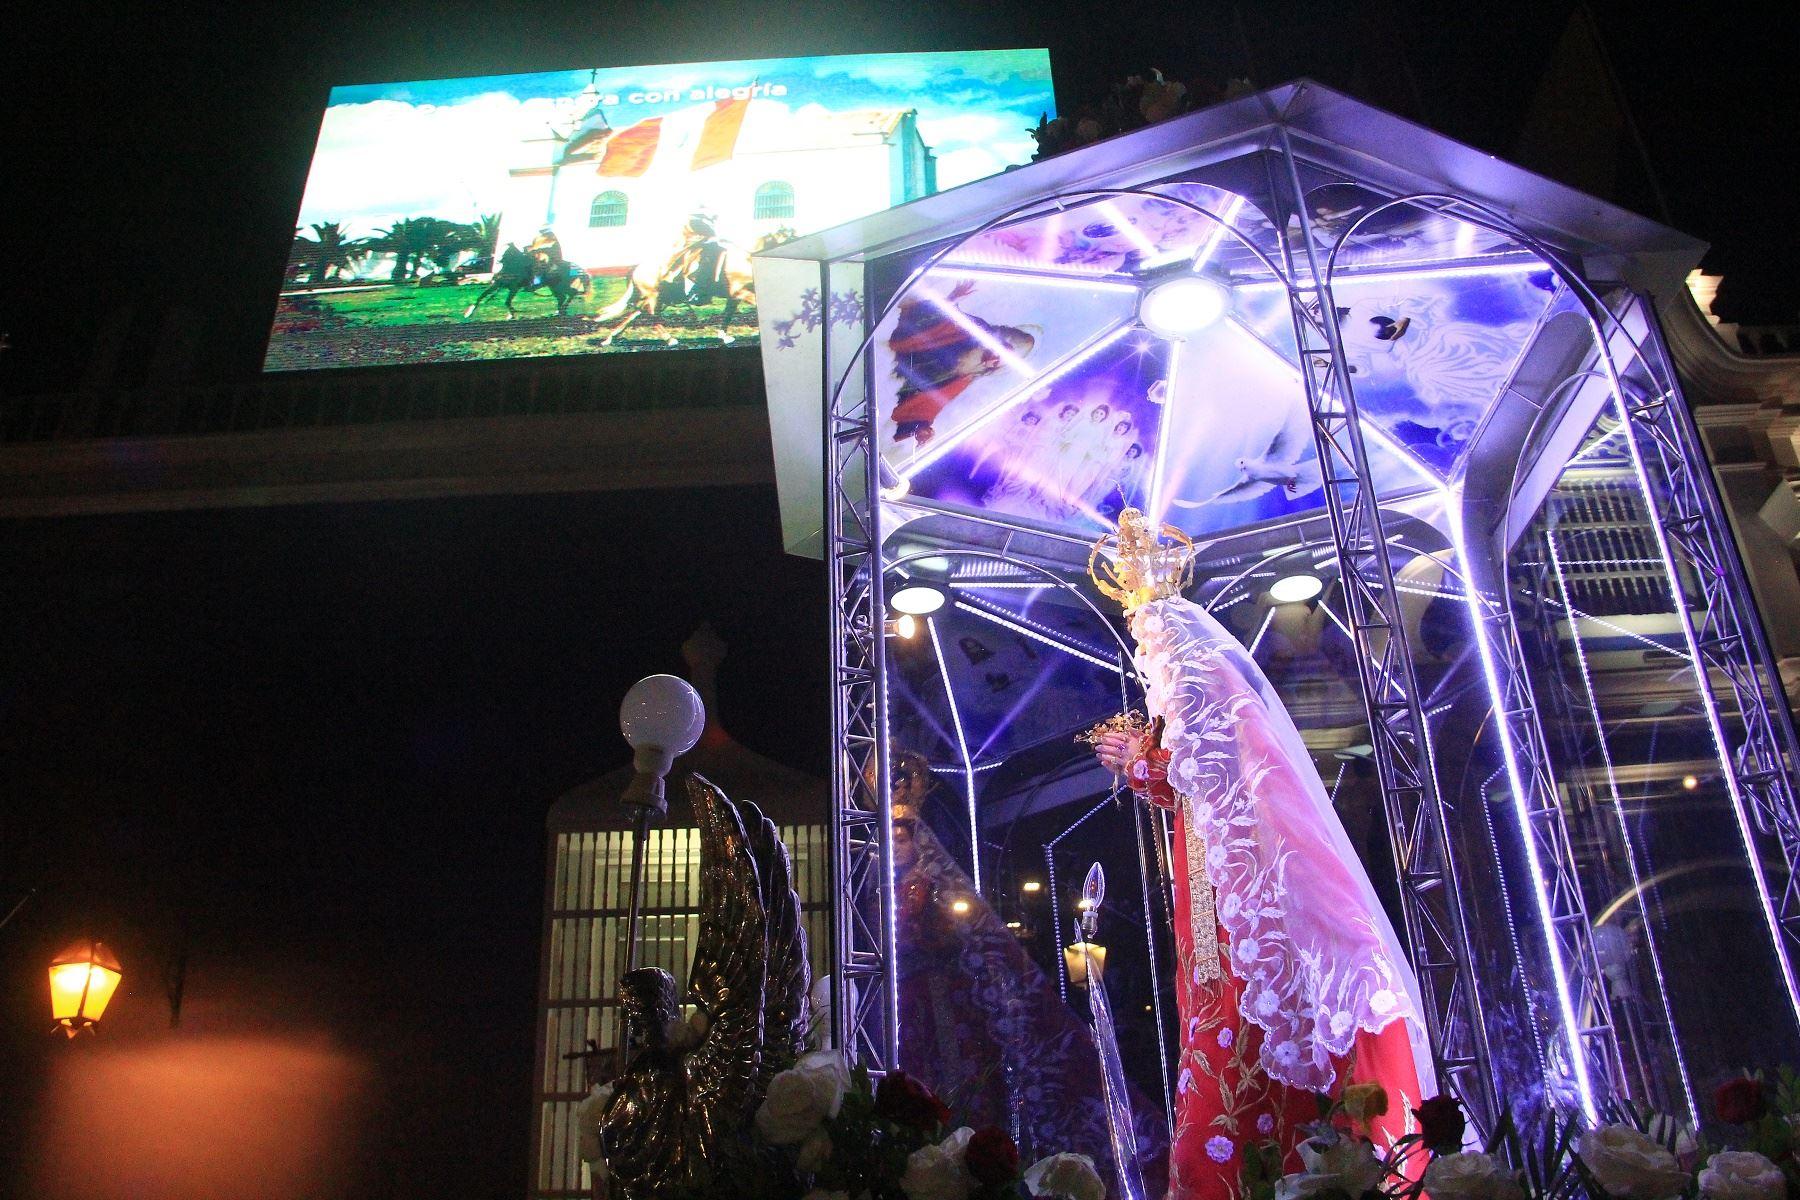 Imagen de la Virgen de la Puerta tuvo multitudinario recibimiento a su llegada a Trujillo, donde participará del encuentro con el Papa Francisco. Foto: ANDINA/Luis Puell.